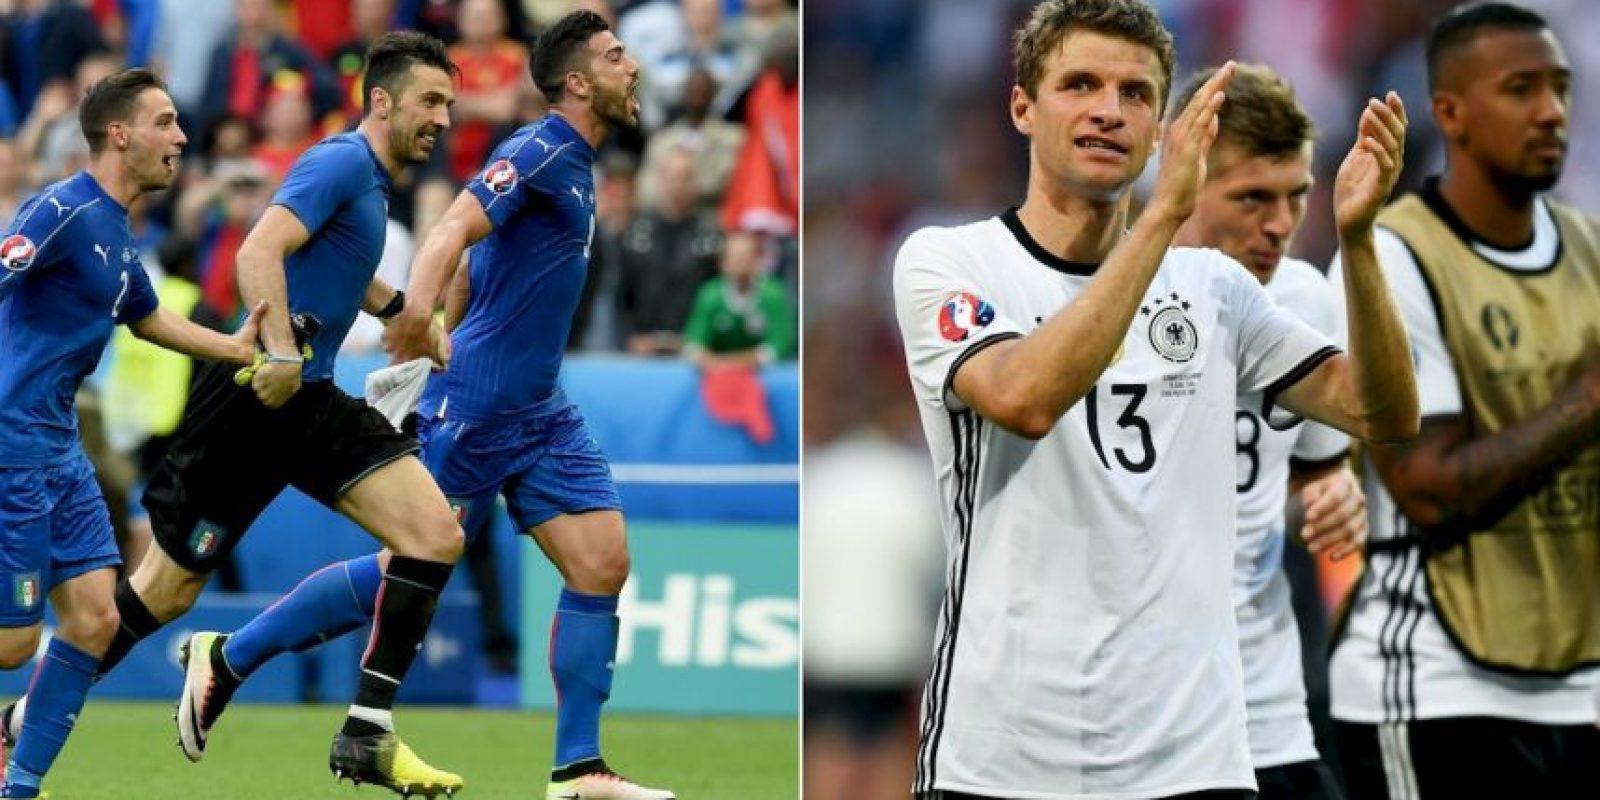 Italia vs. Alemania: ¿Quién es su favorito para llegar a semifinales de la Euro 2016? Foto:Getty Images